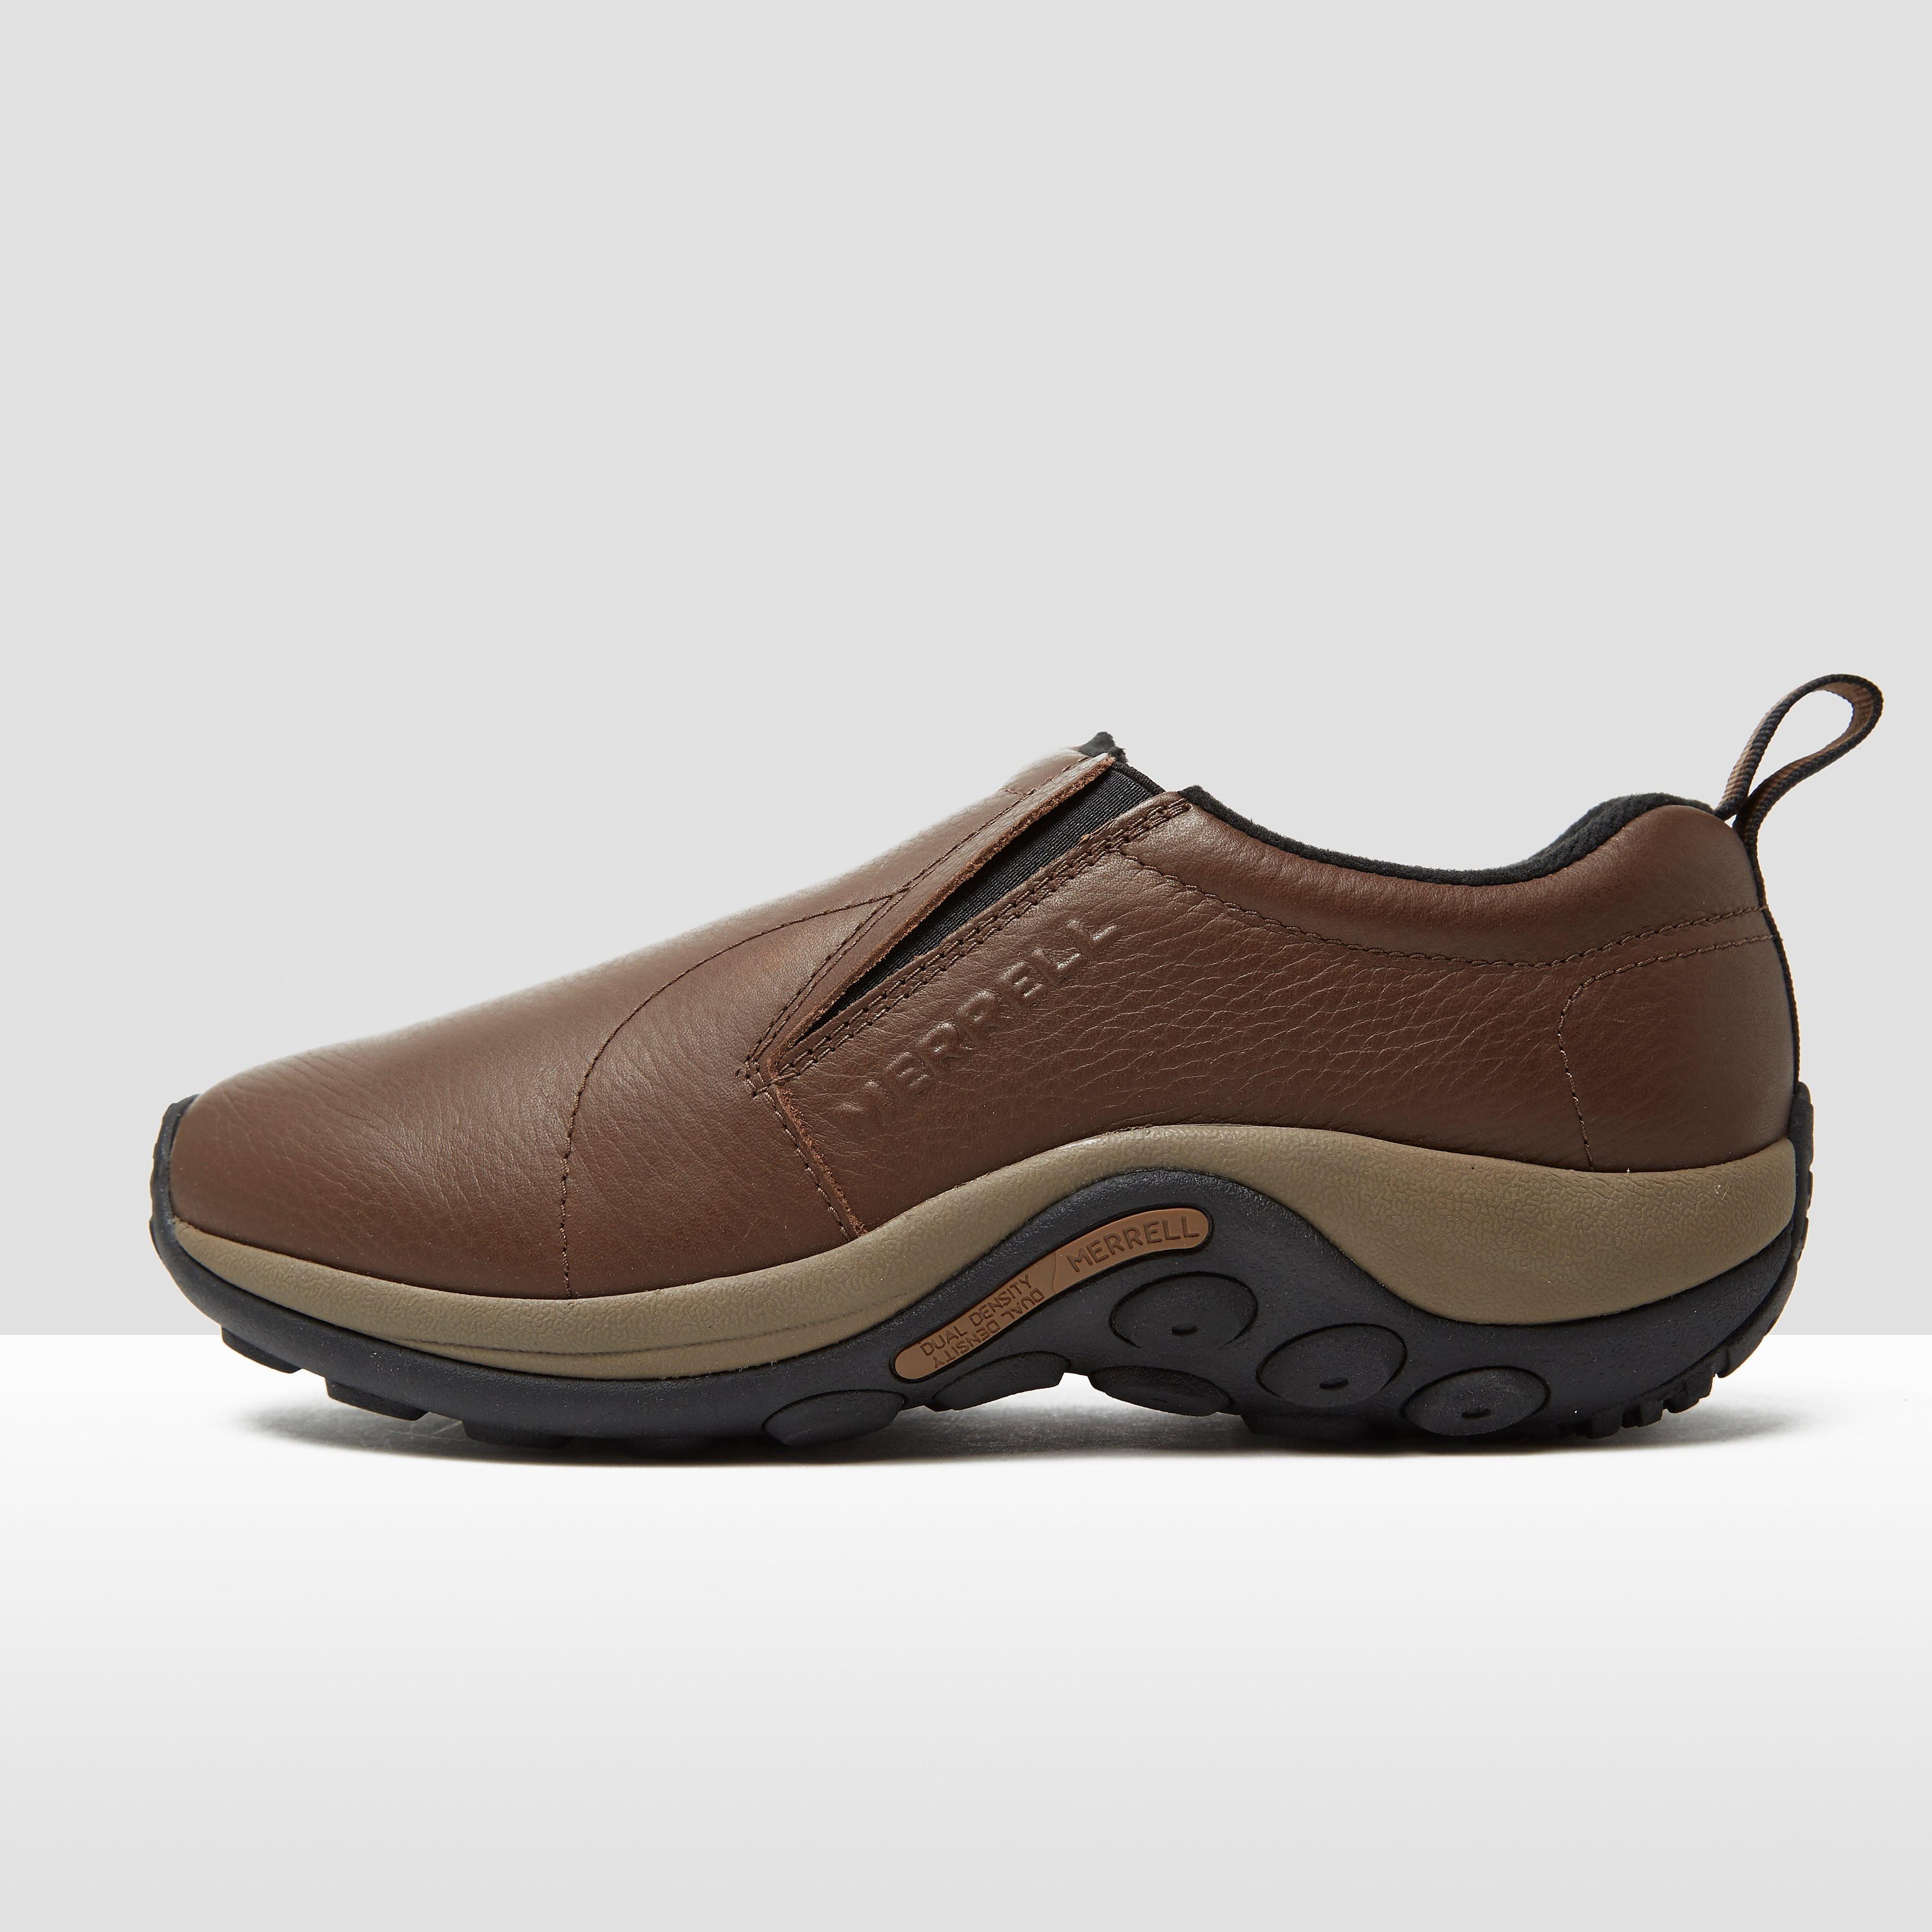 Merrell Jungle Moc Men's Shoes